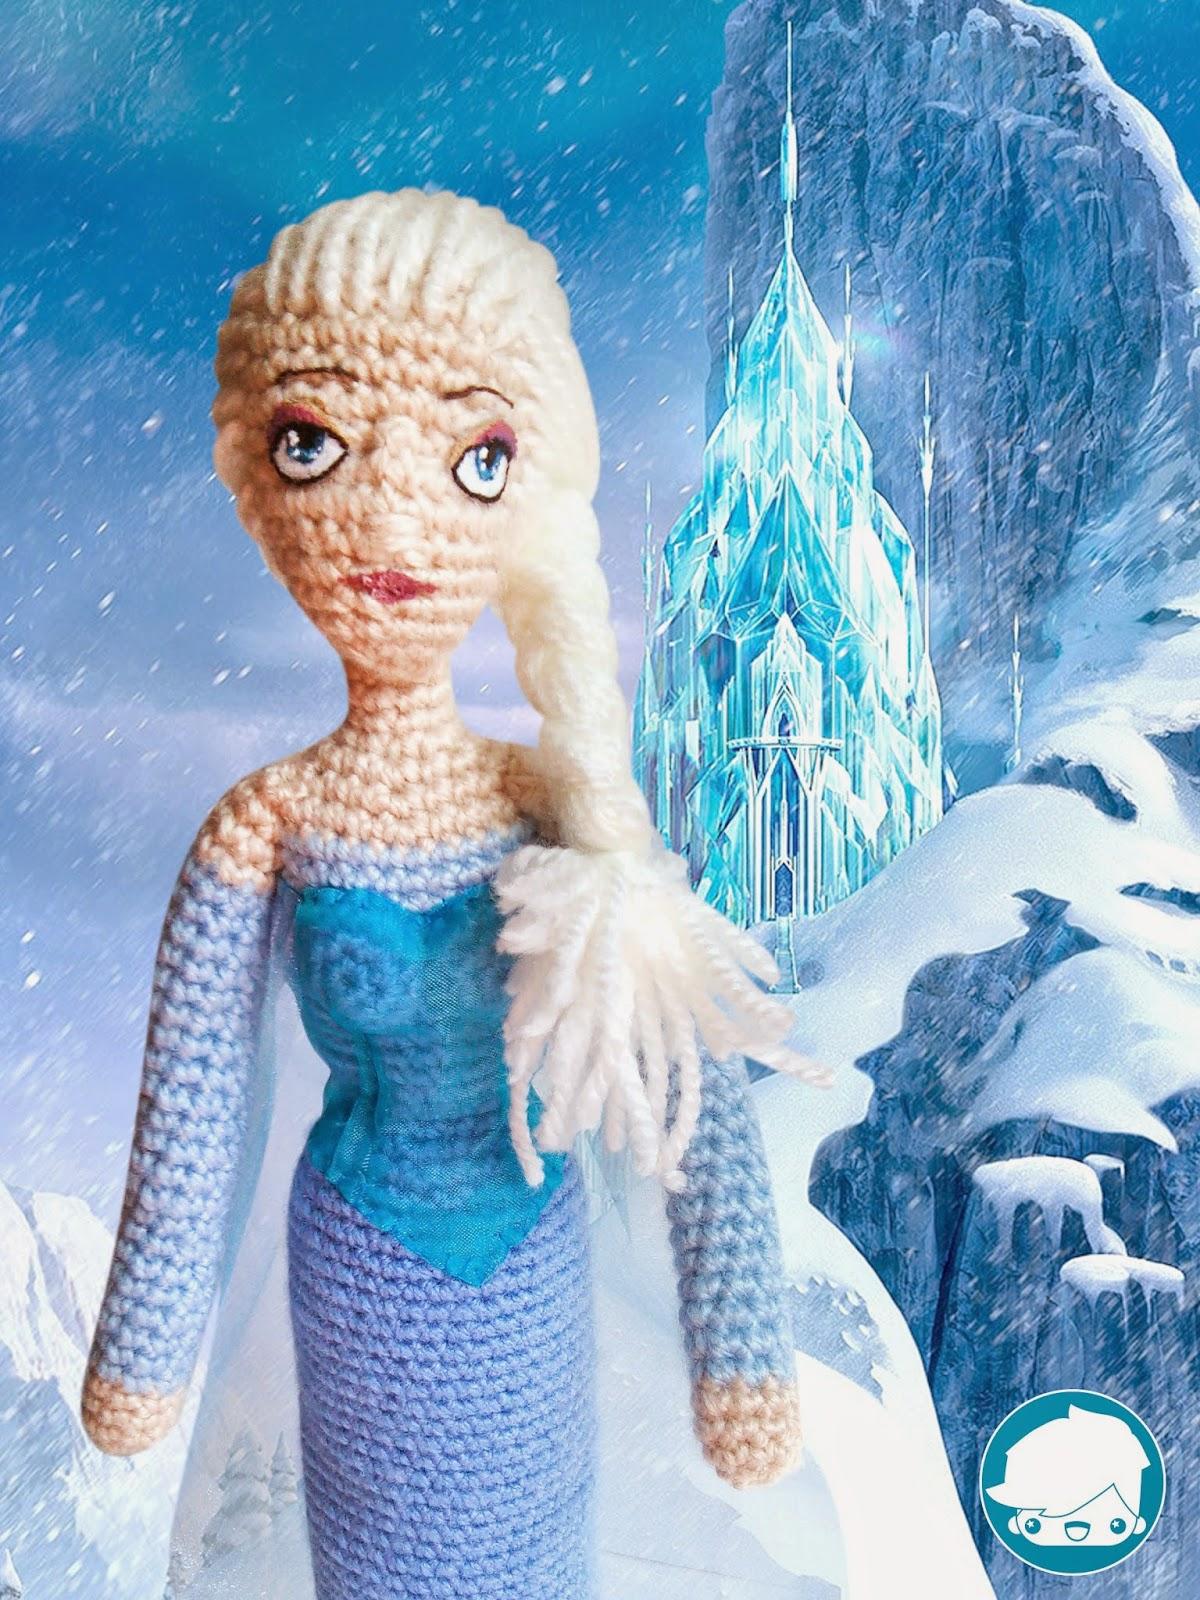 Amigurumi Elsa : Bertorulez: Elsa amigurumi FROZEN